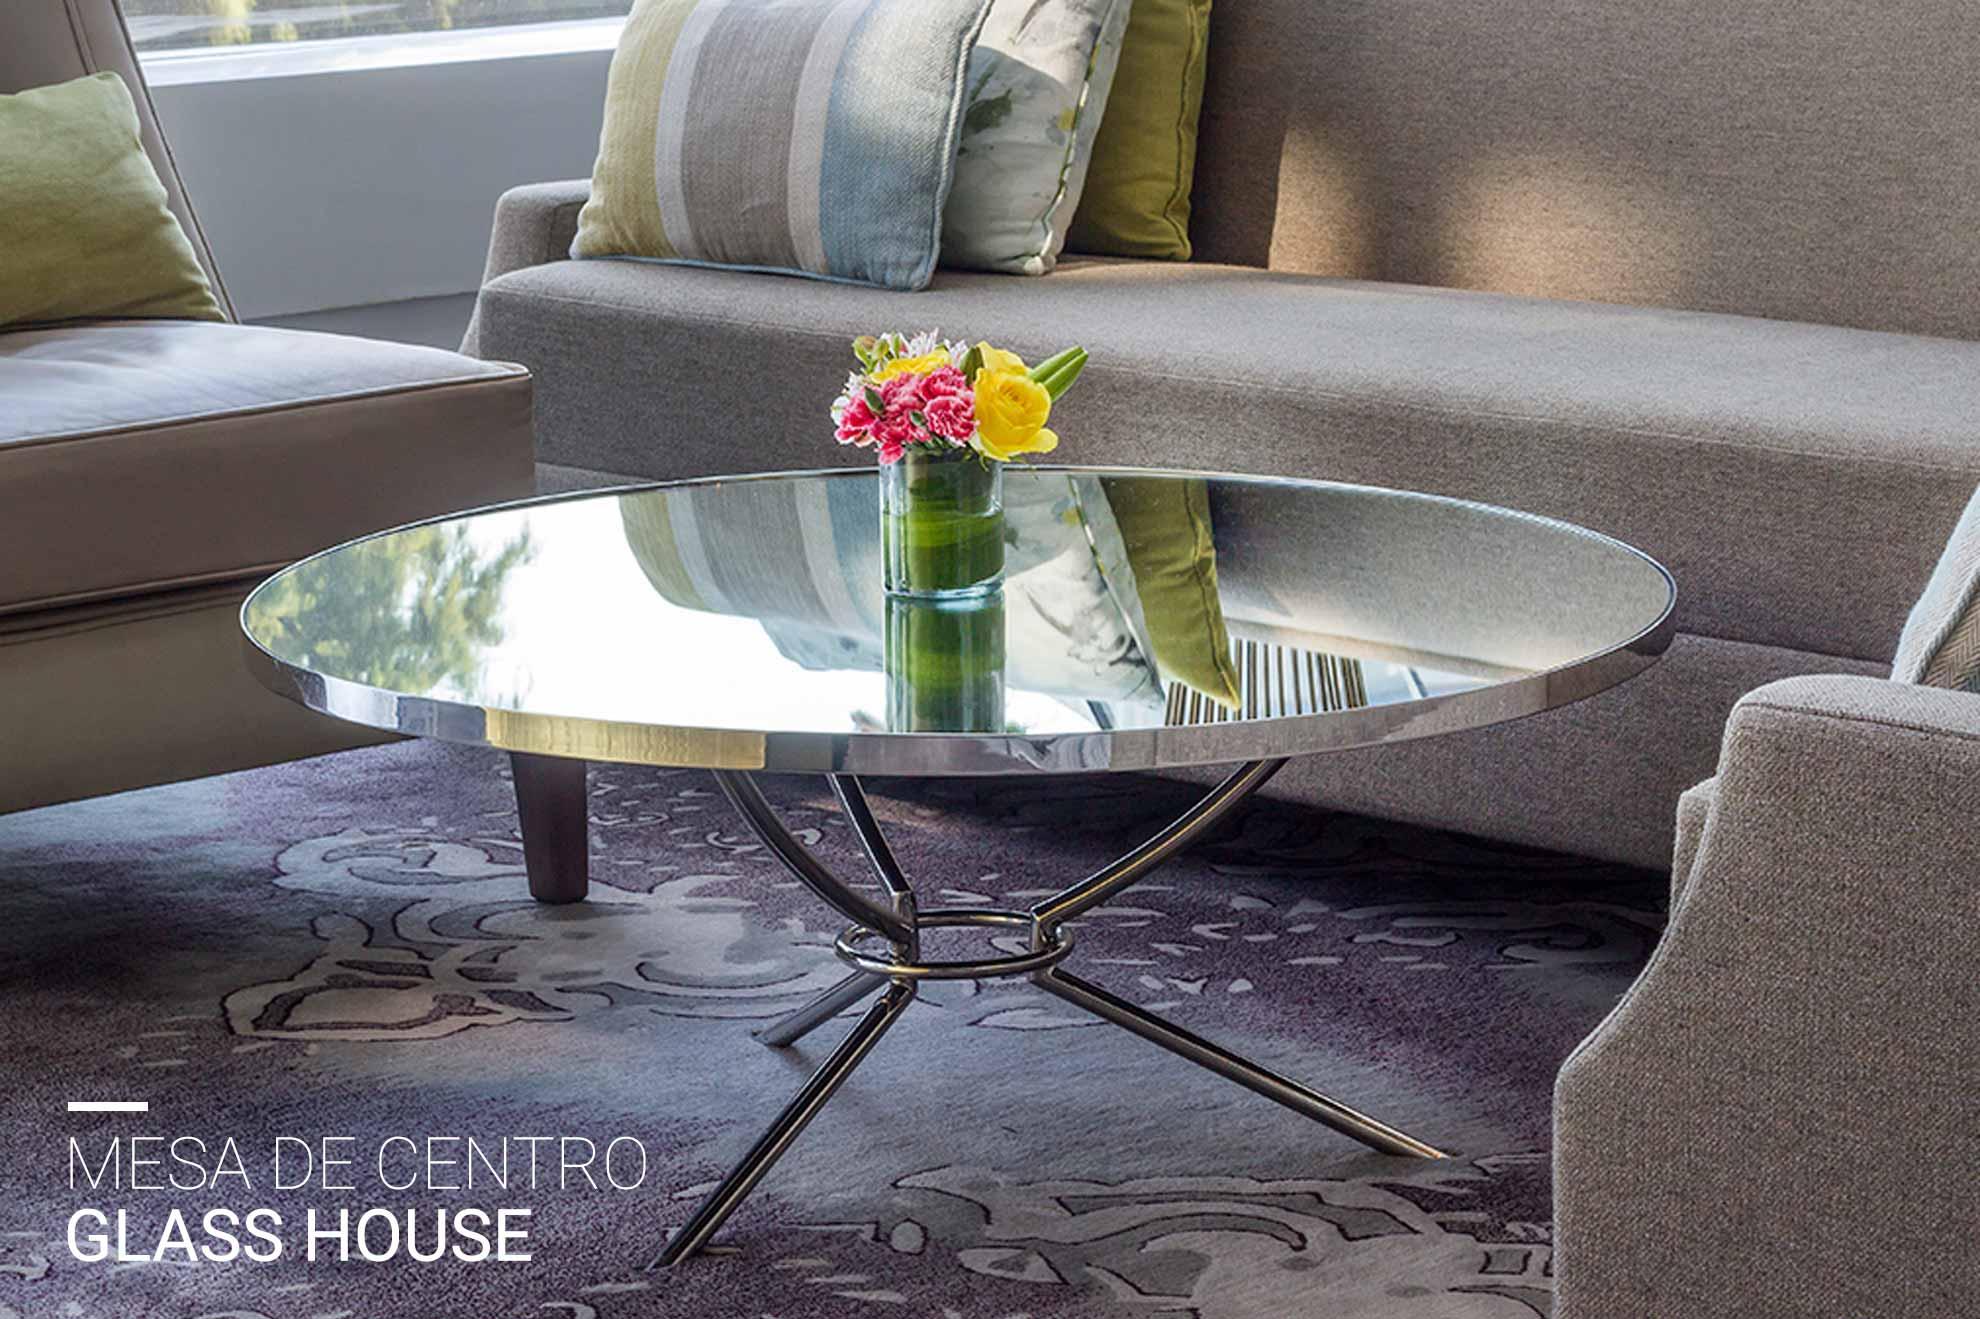 Mesa de centro con materiales de acero cromado on cubierta en espejo y patas de metal.